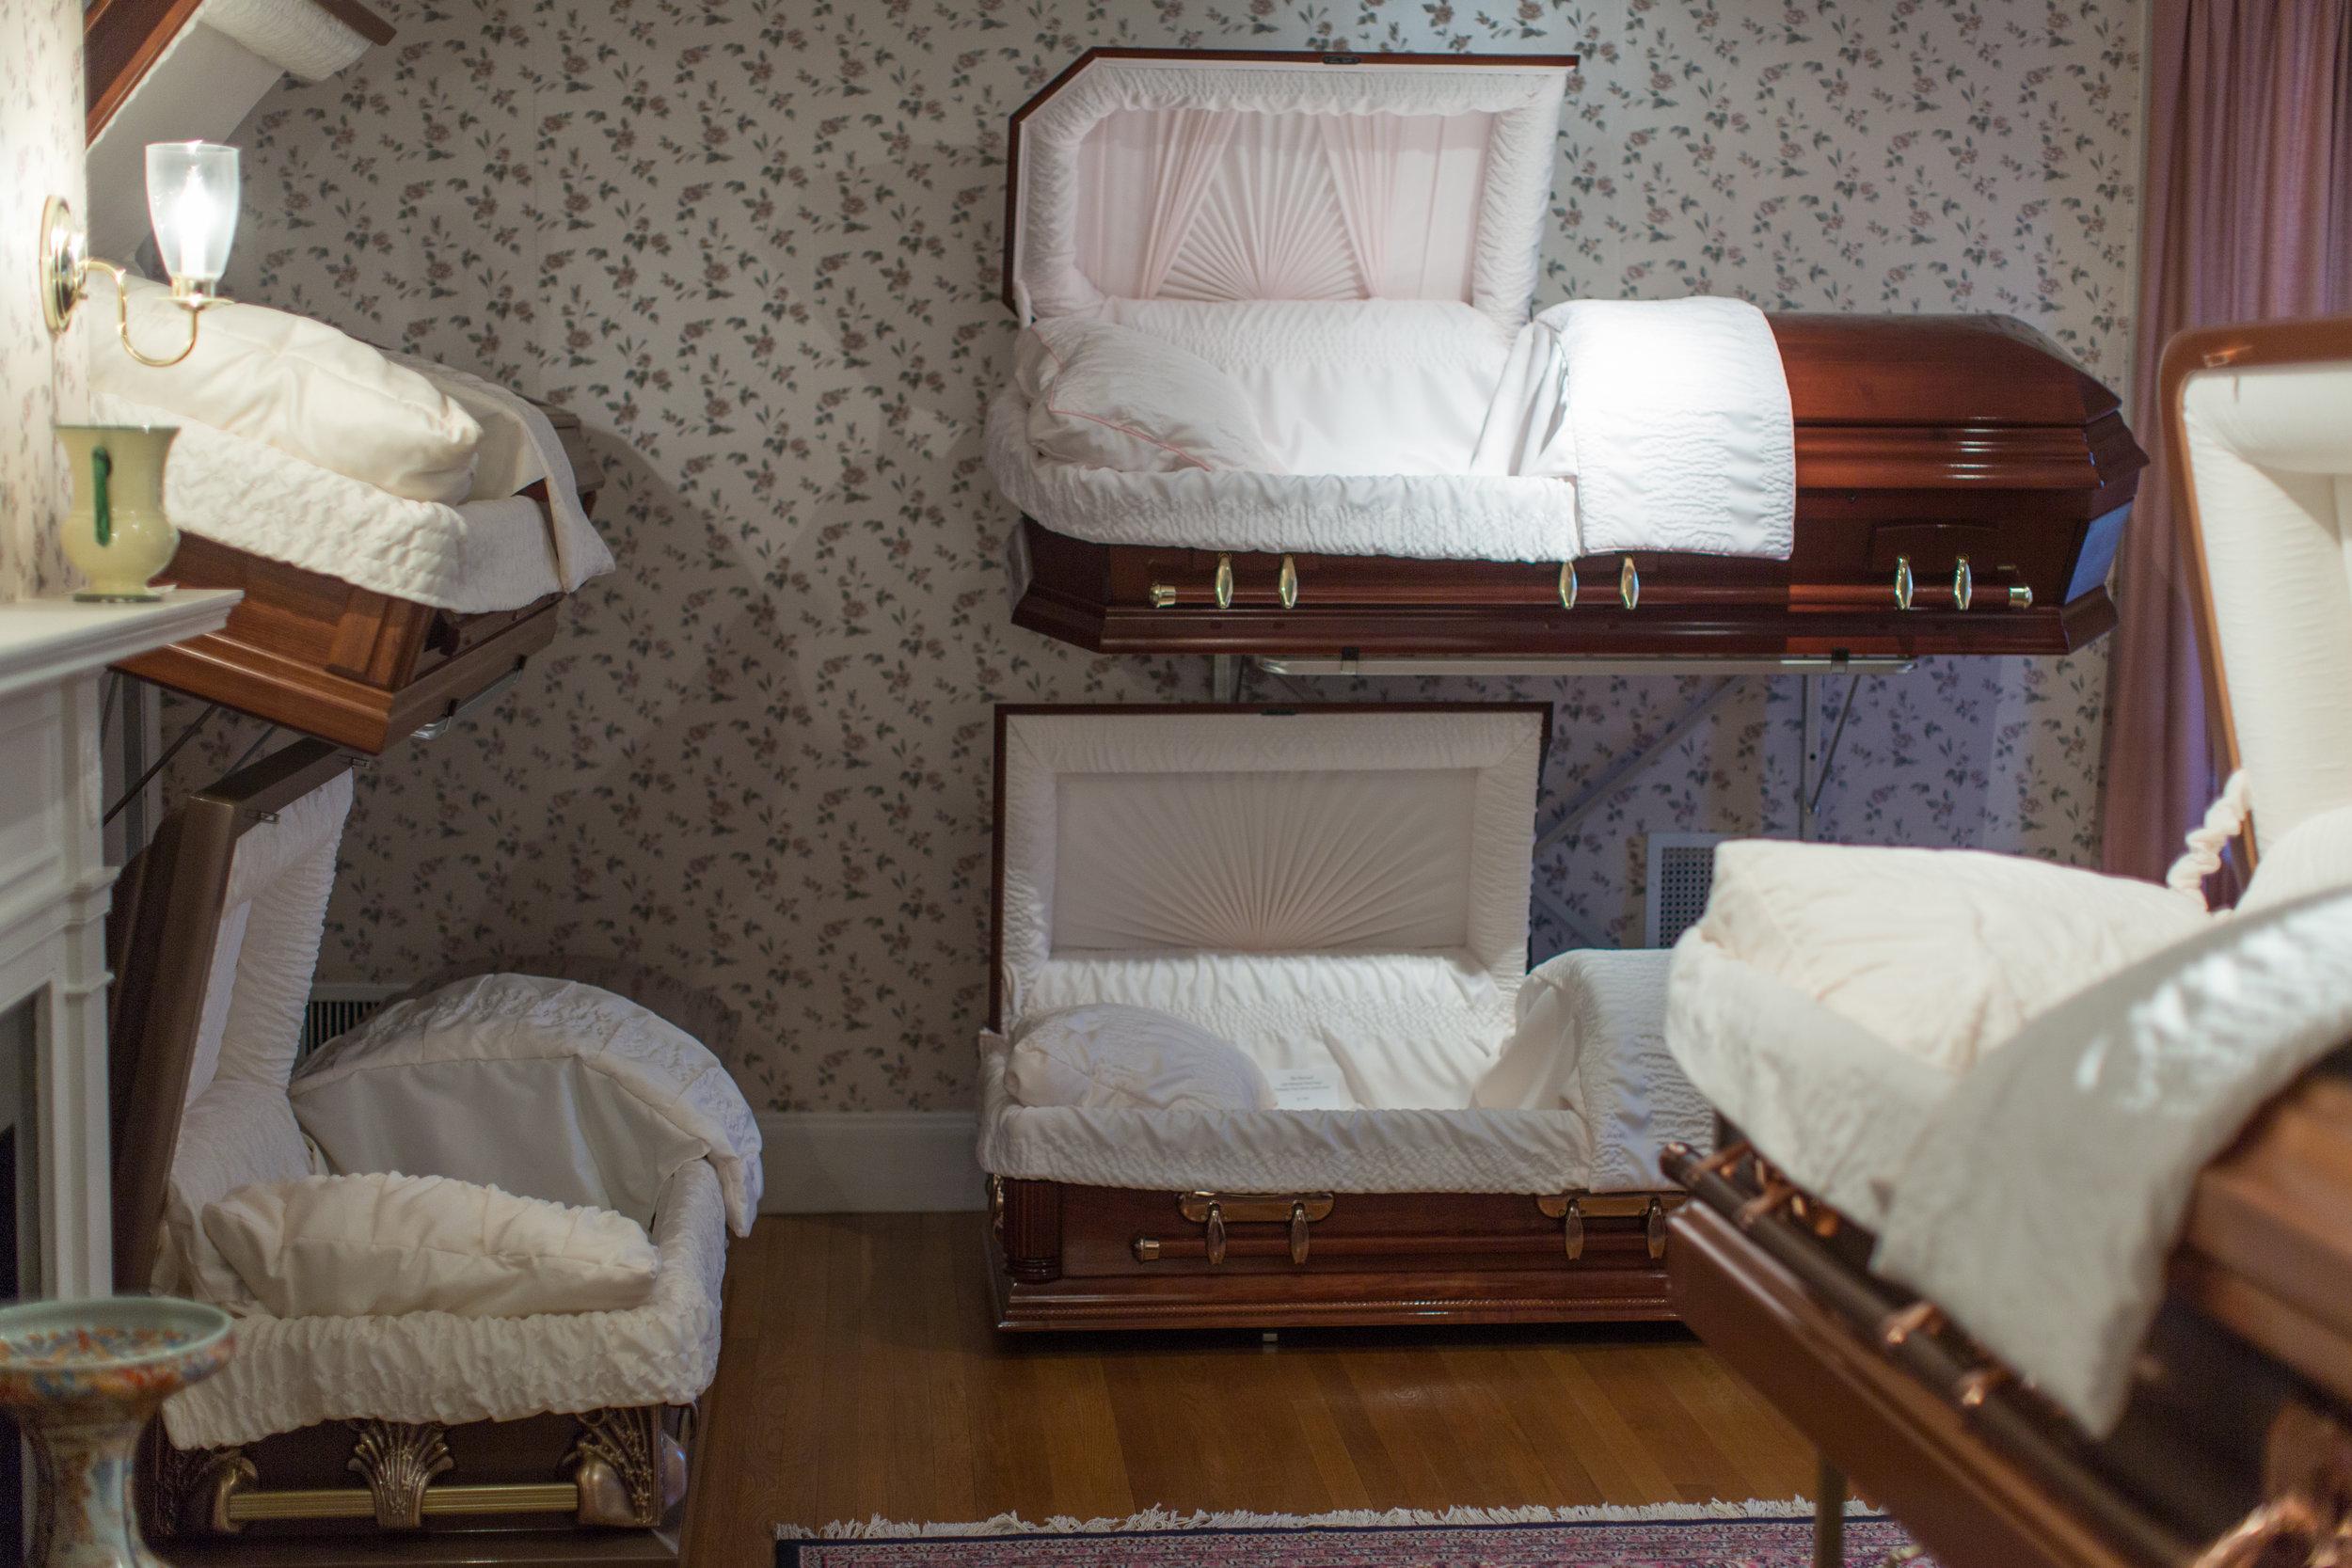 morgue-reshoot-9.jpg